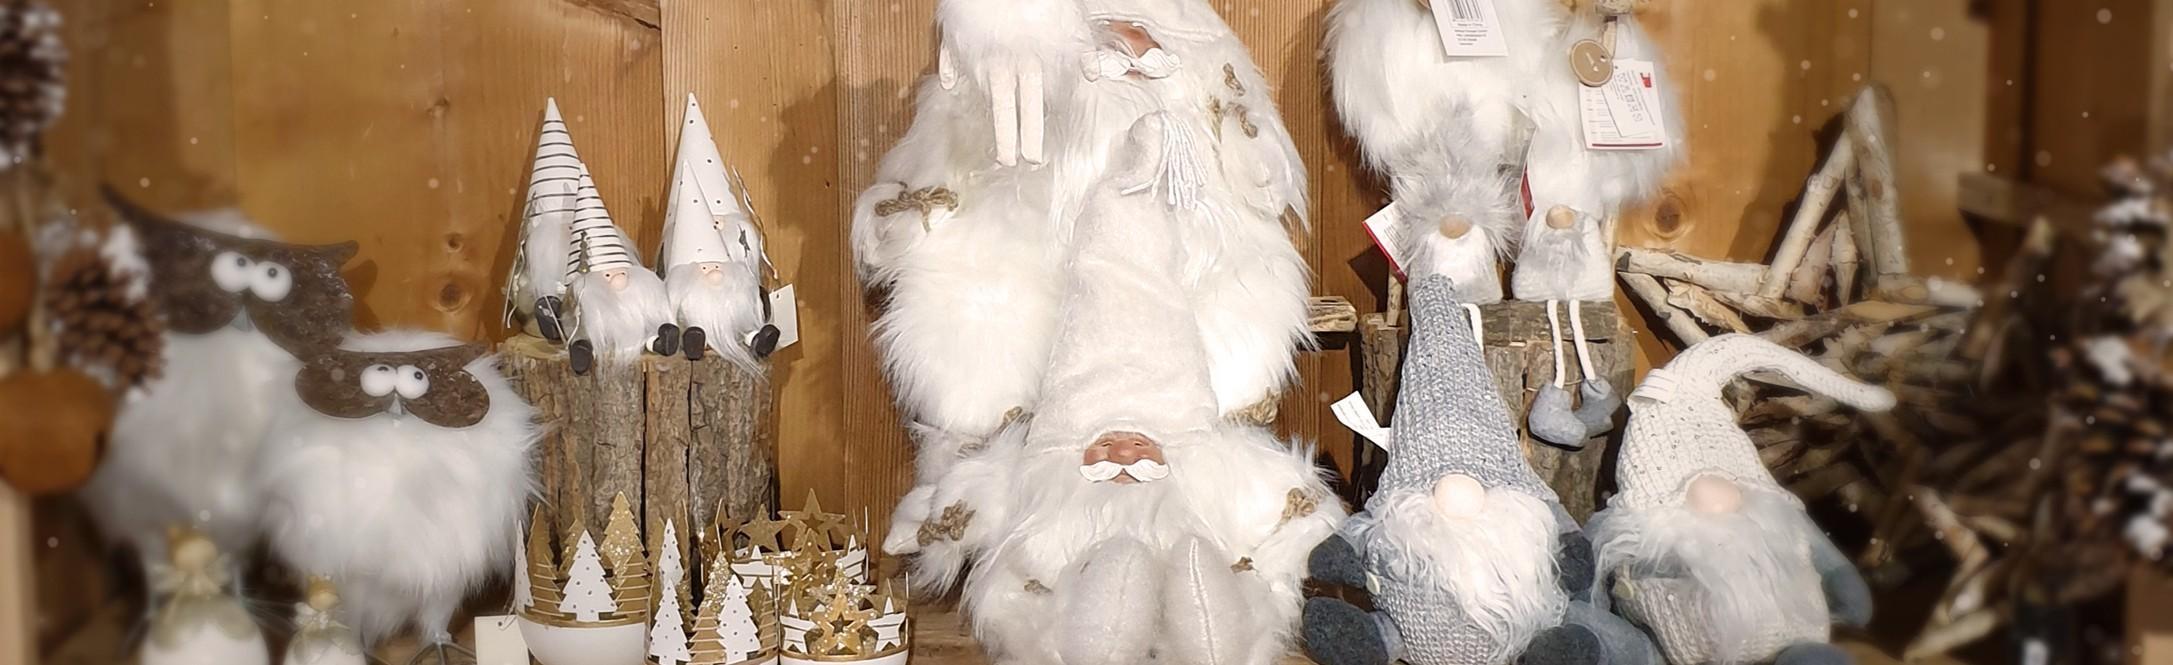 Alsace Boutique - Décoration de Noël en Blanc